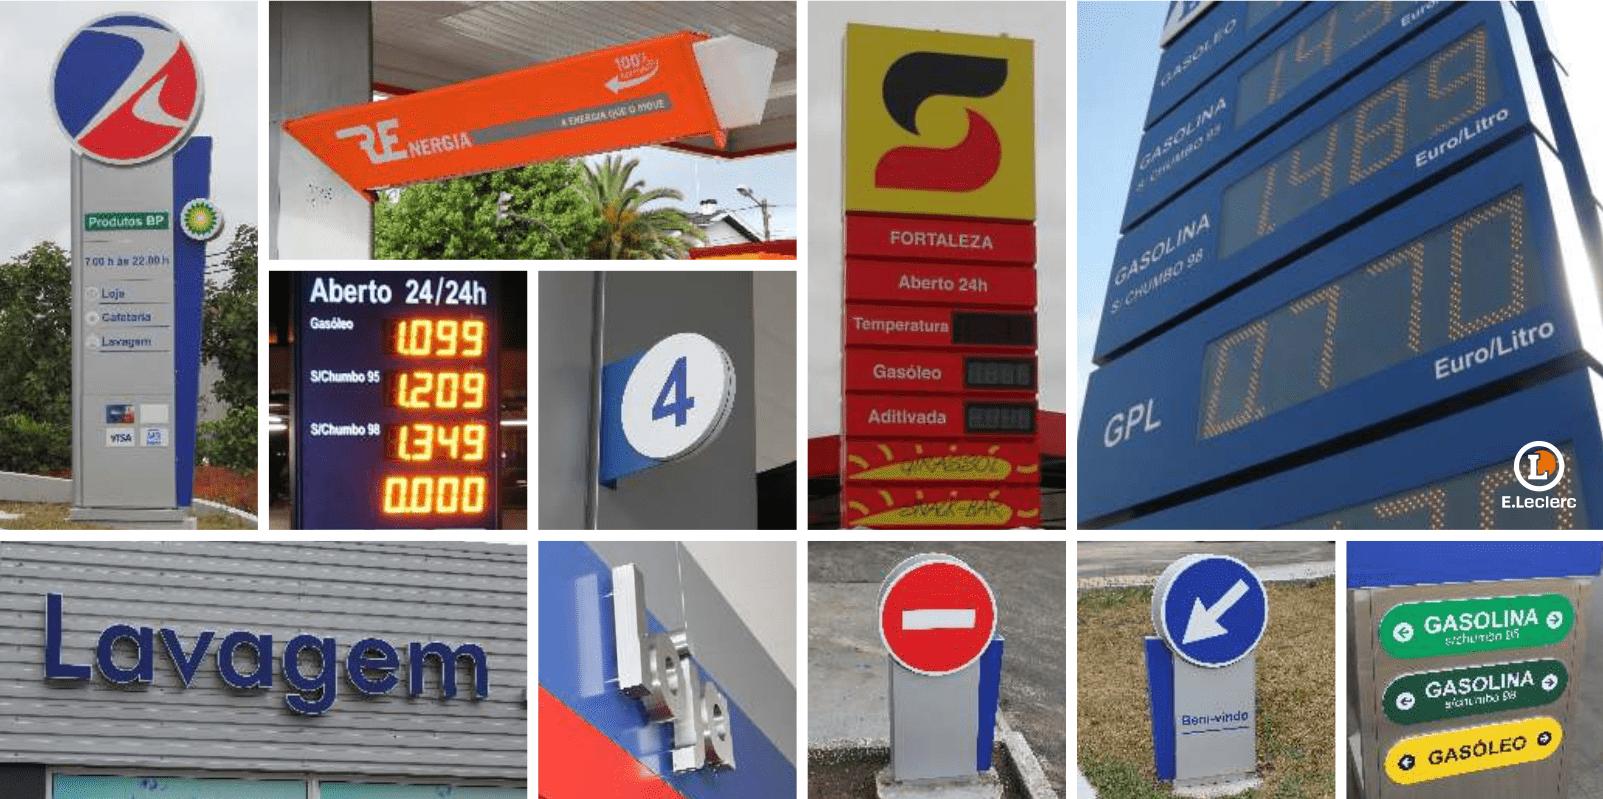 Gasolineiras